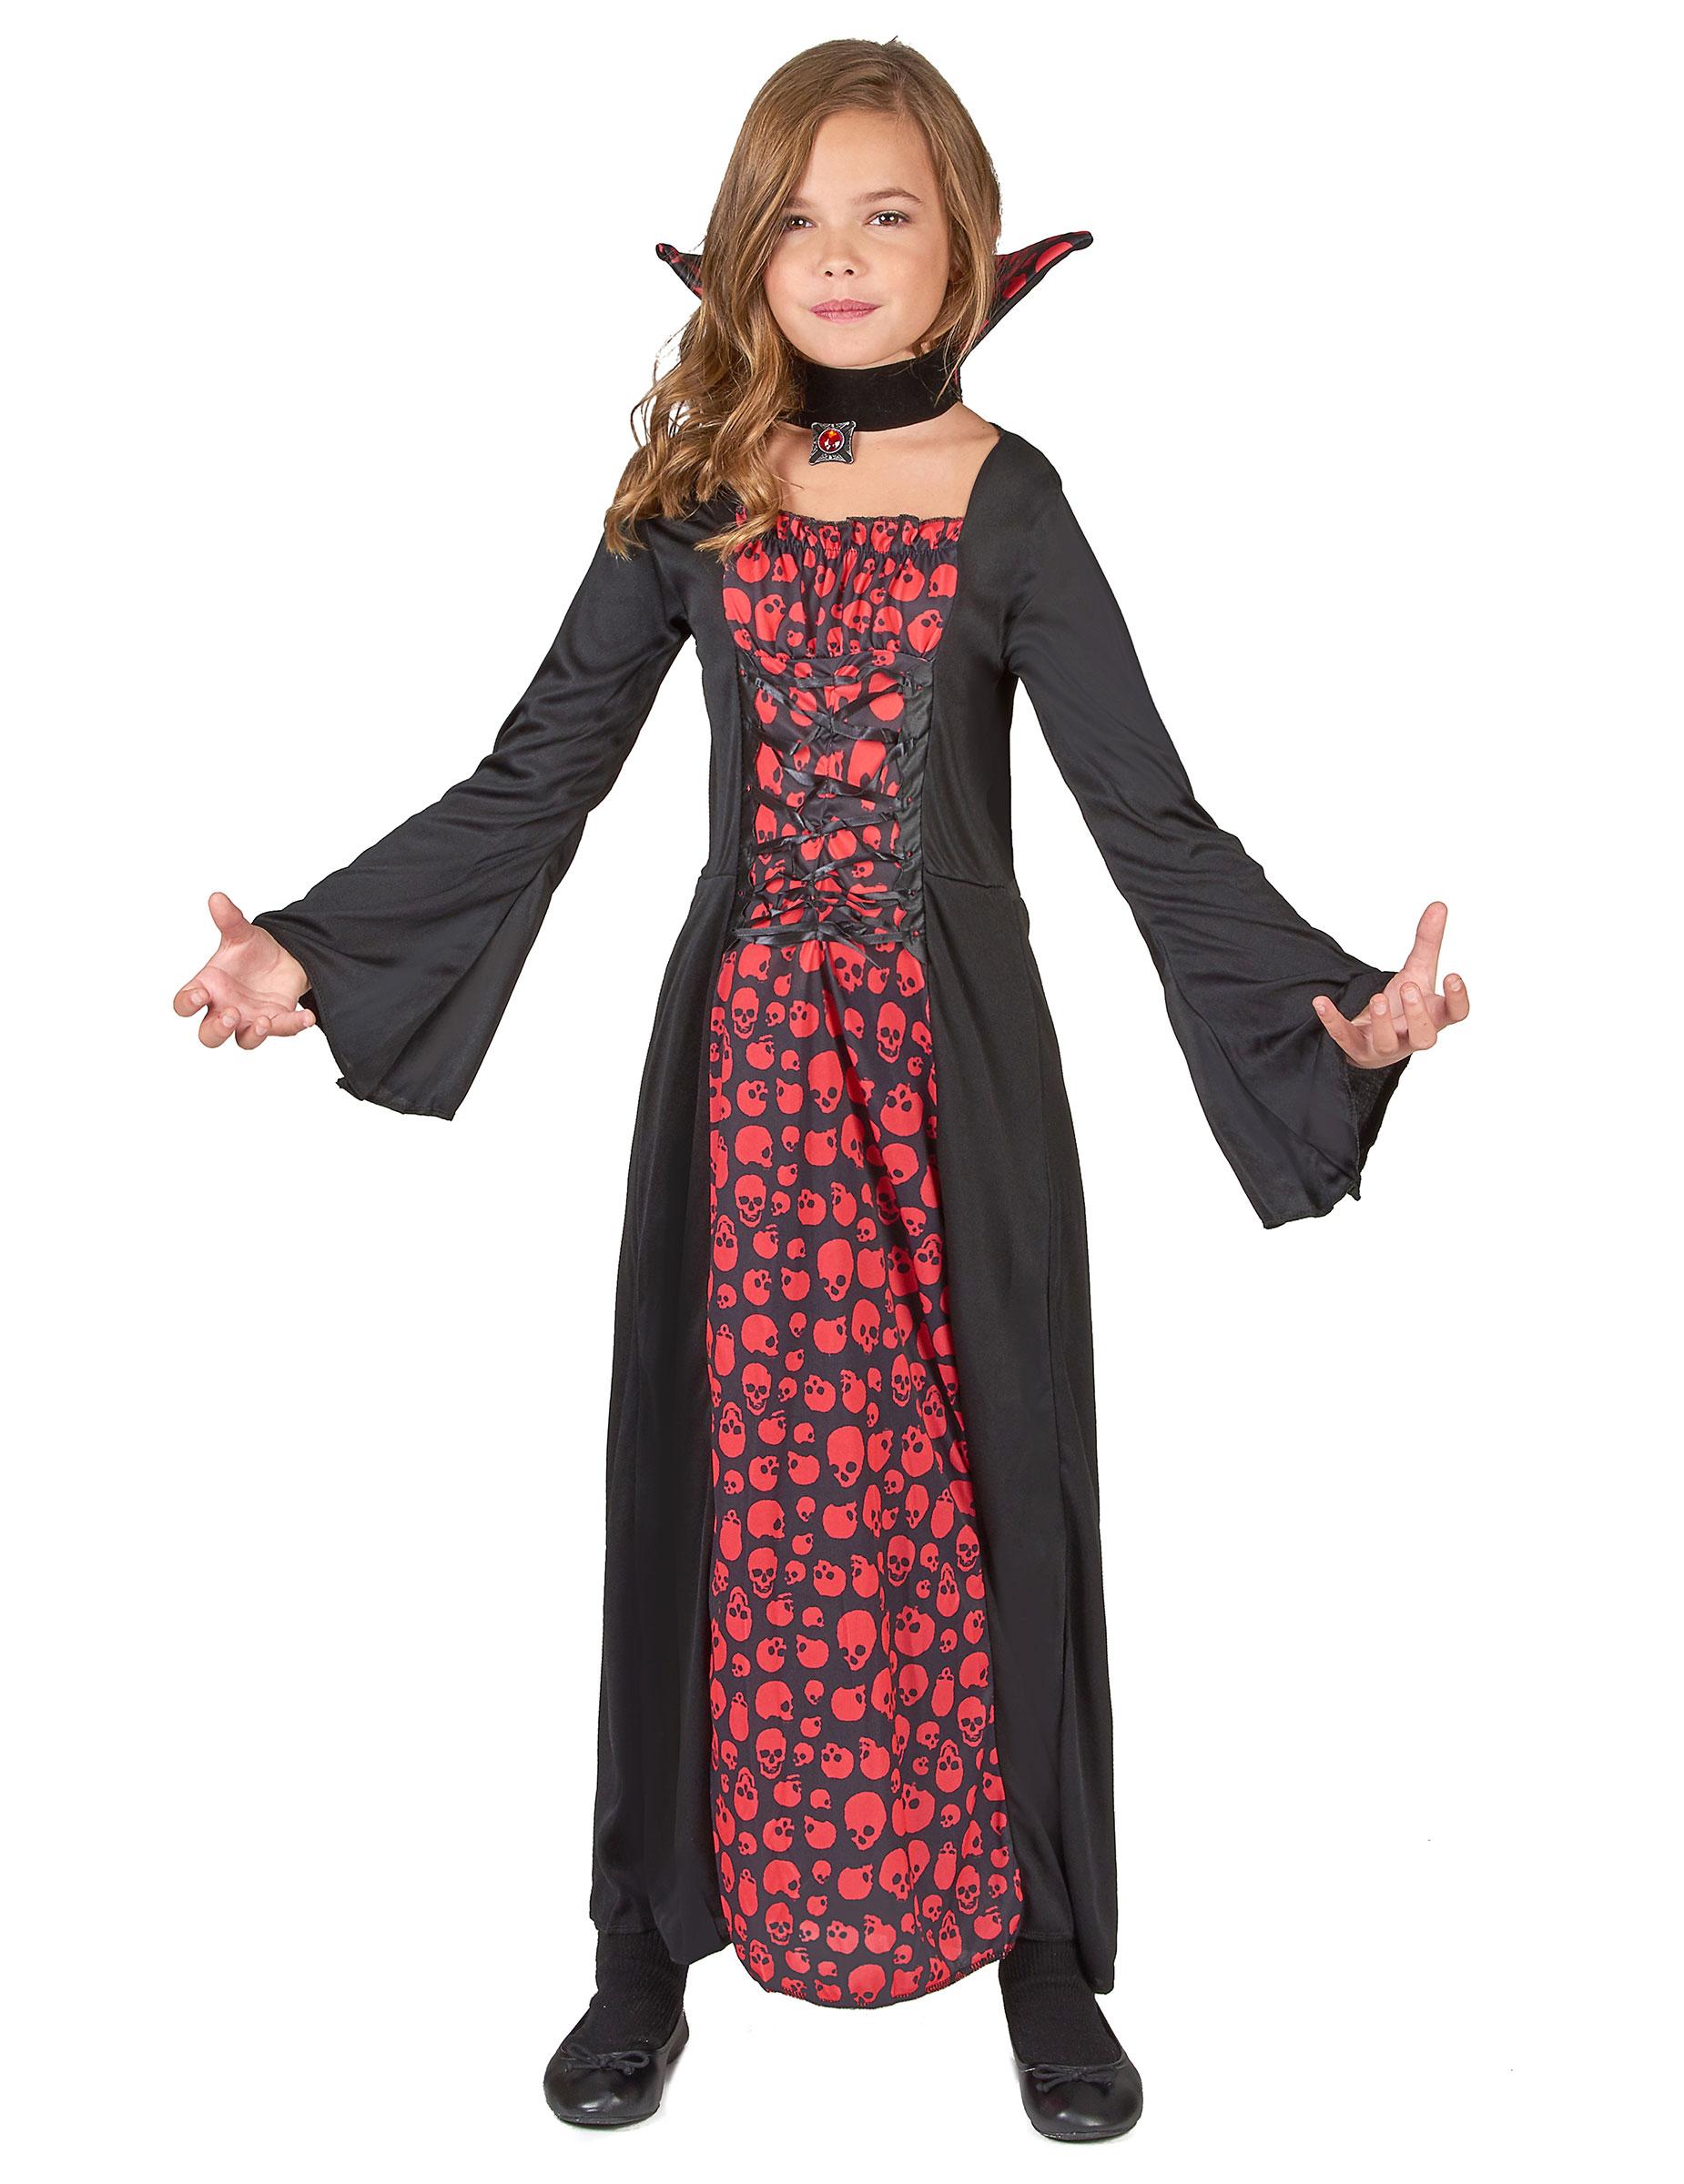 Lång vampyrklänning - Halloweenkläder för barn 5e1f82fa9af1b